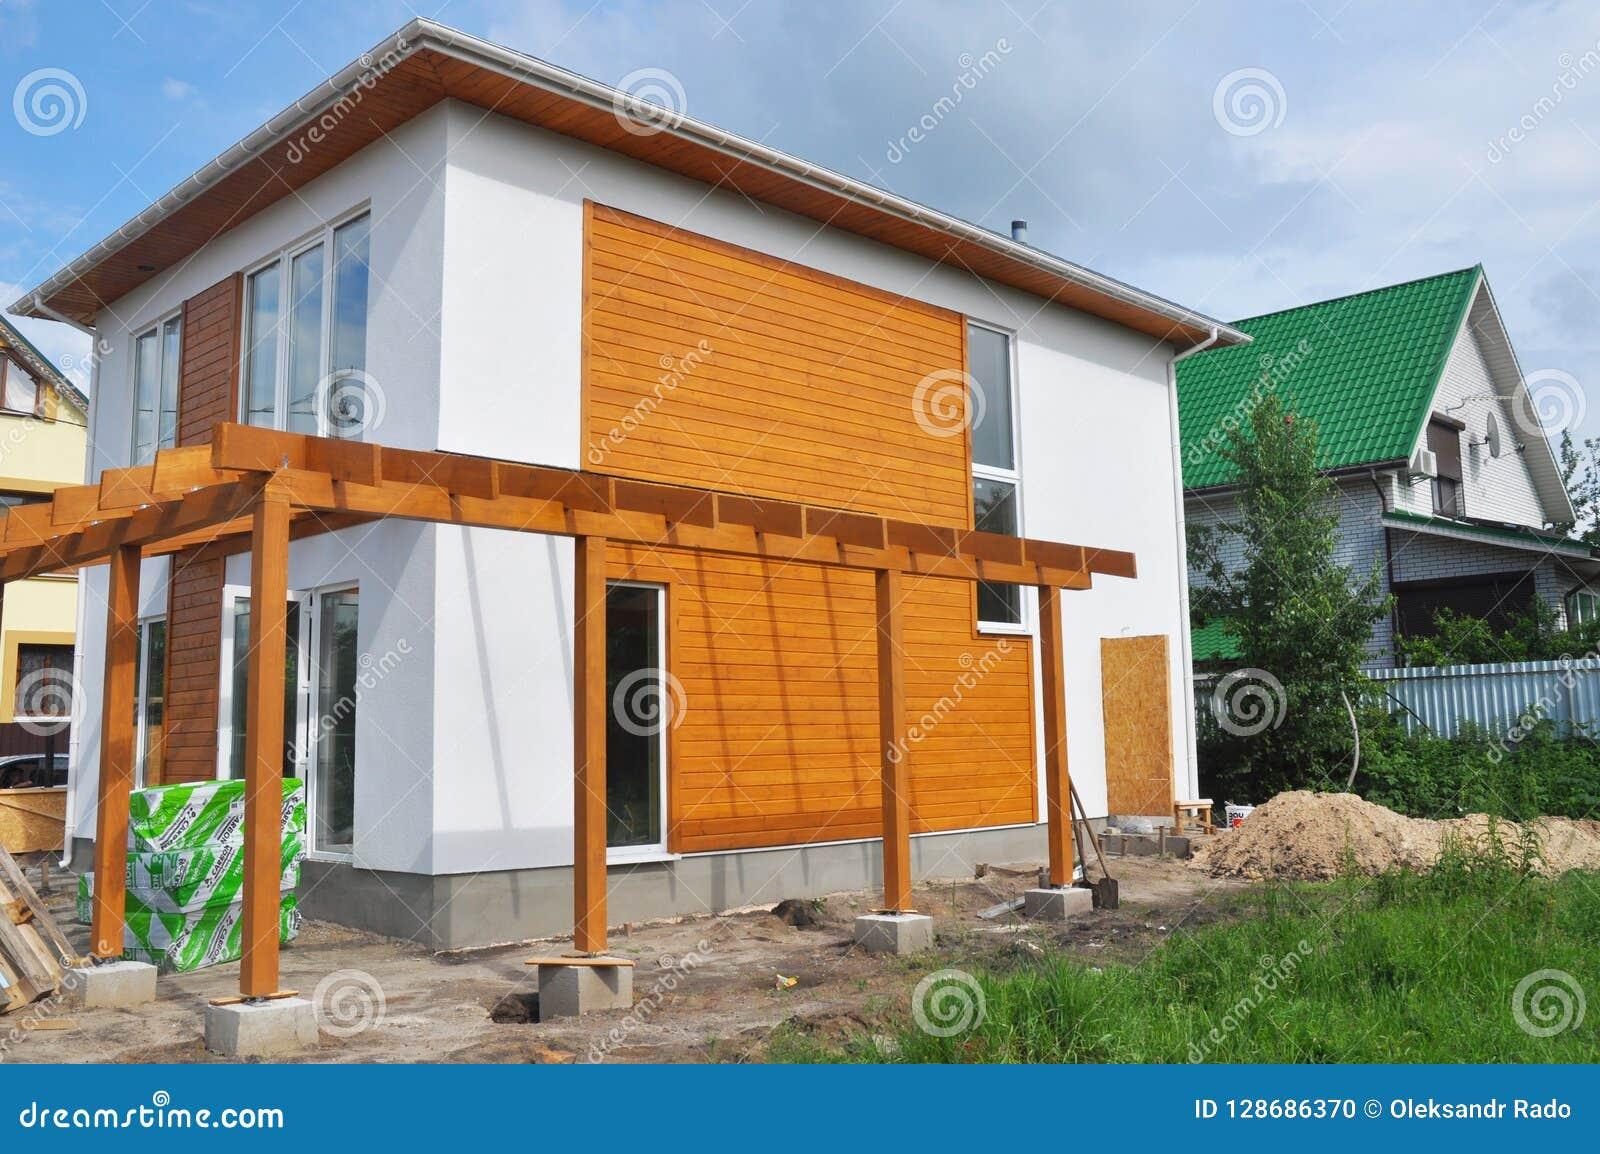 isolation maison moderne